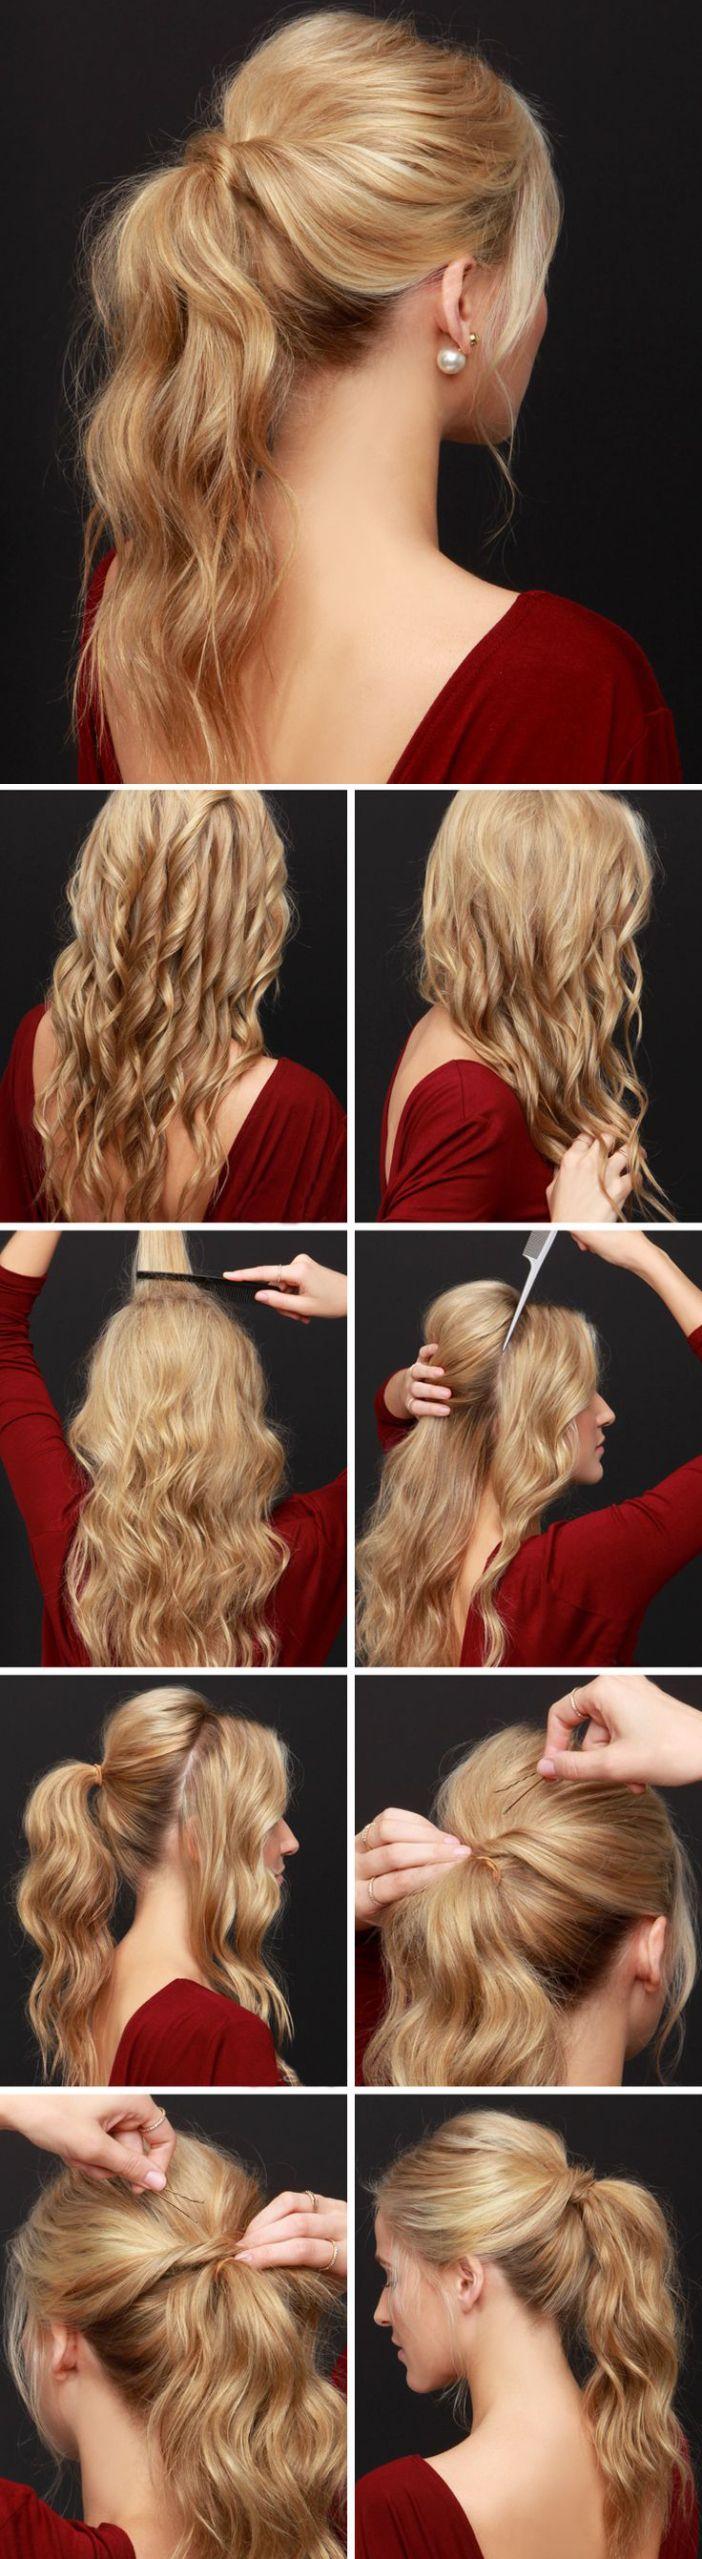 Bonjour ! On aime changer de coiffure comme ça nous chante ! On s'inspire et on copie ces 7 coiffures glamour en toutes circonstances ! 1/ La coiffure style Brigitte...